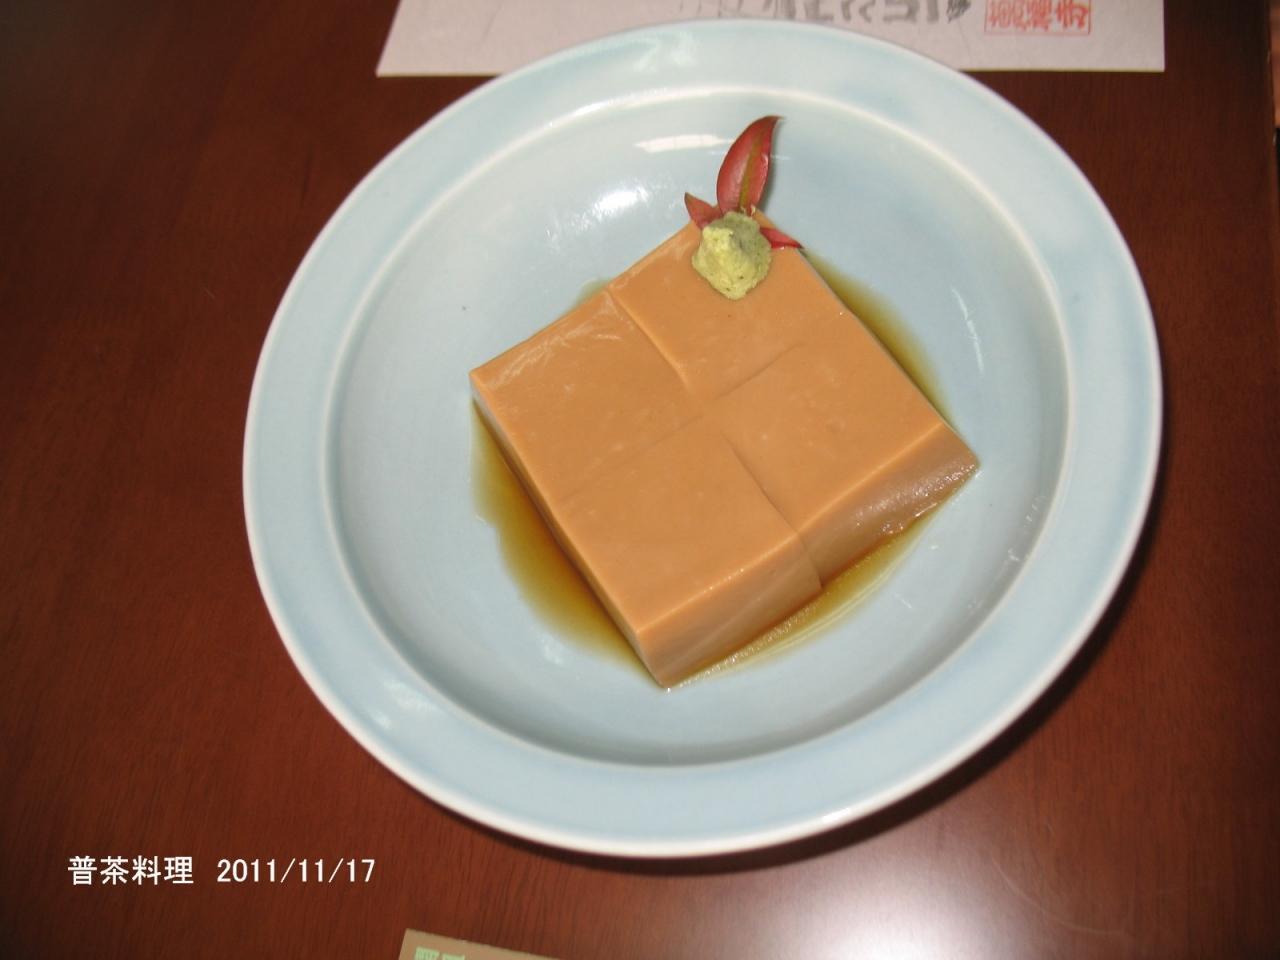 萬福寺の普茶料理と世界遺産・平等院/京都府・宇治市